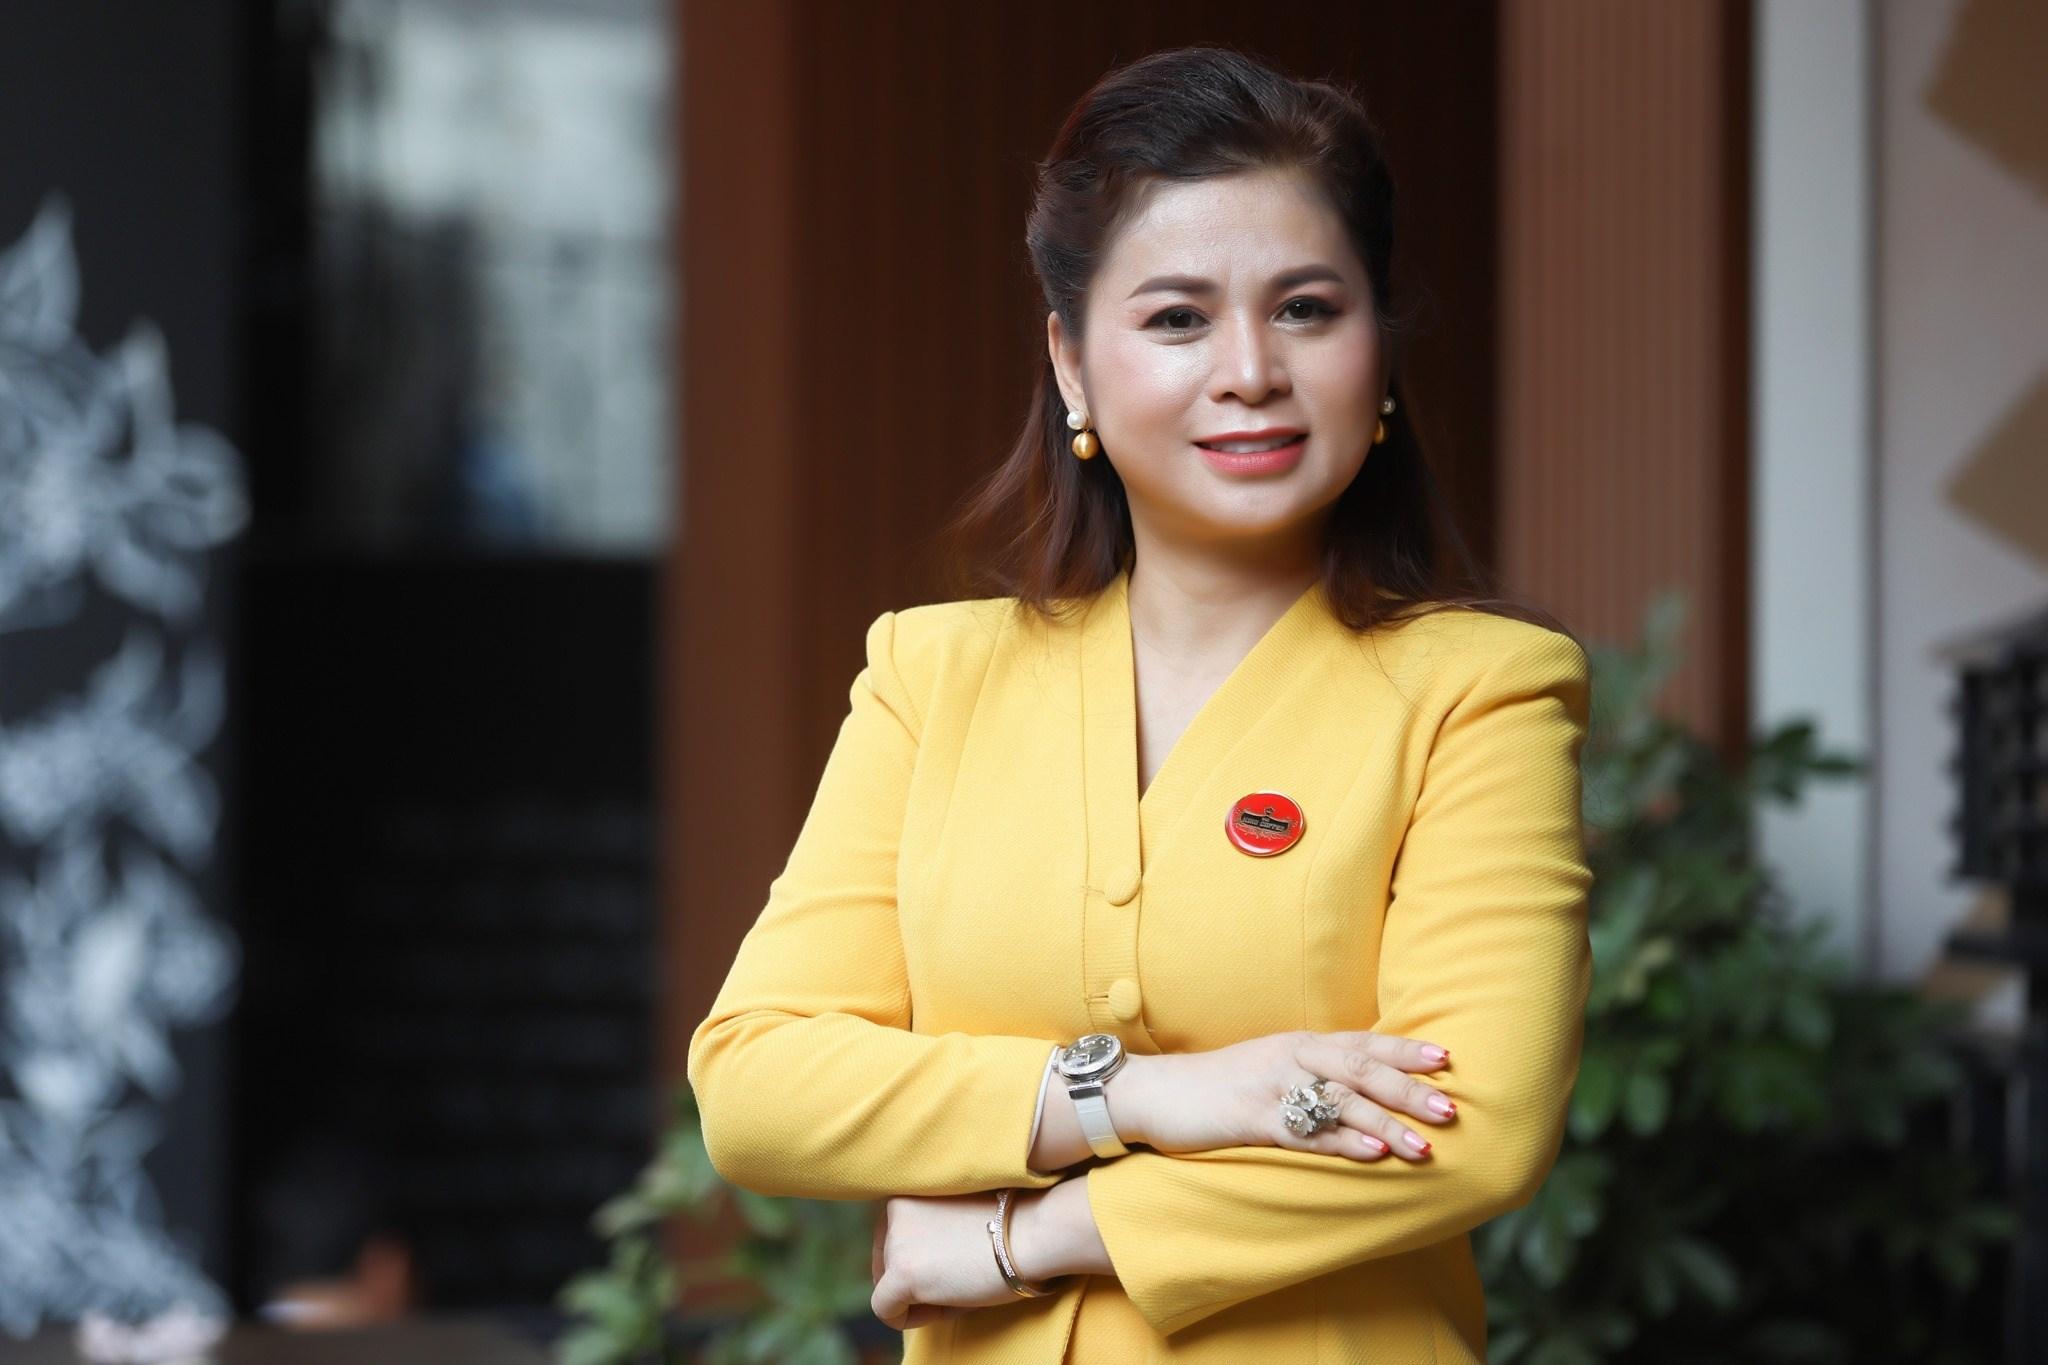 Nhận nghìn tỷ đồng sau vụ ly hôn với ông Đặng Lê Nguyên Vũ, bà Lê Hoàng Diệp Thảo đón nhận thêm tin vui tại Mỹ - Ảnh 1.